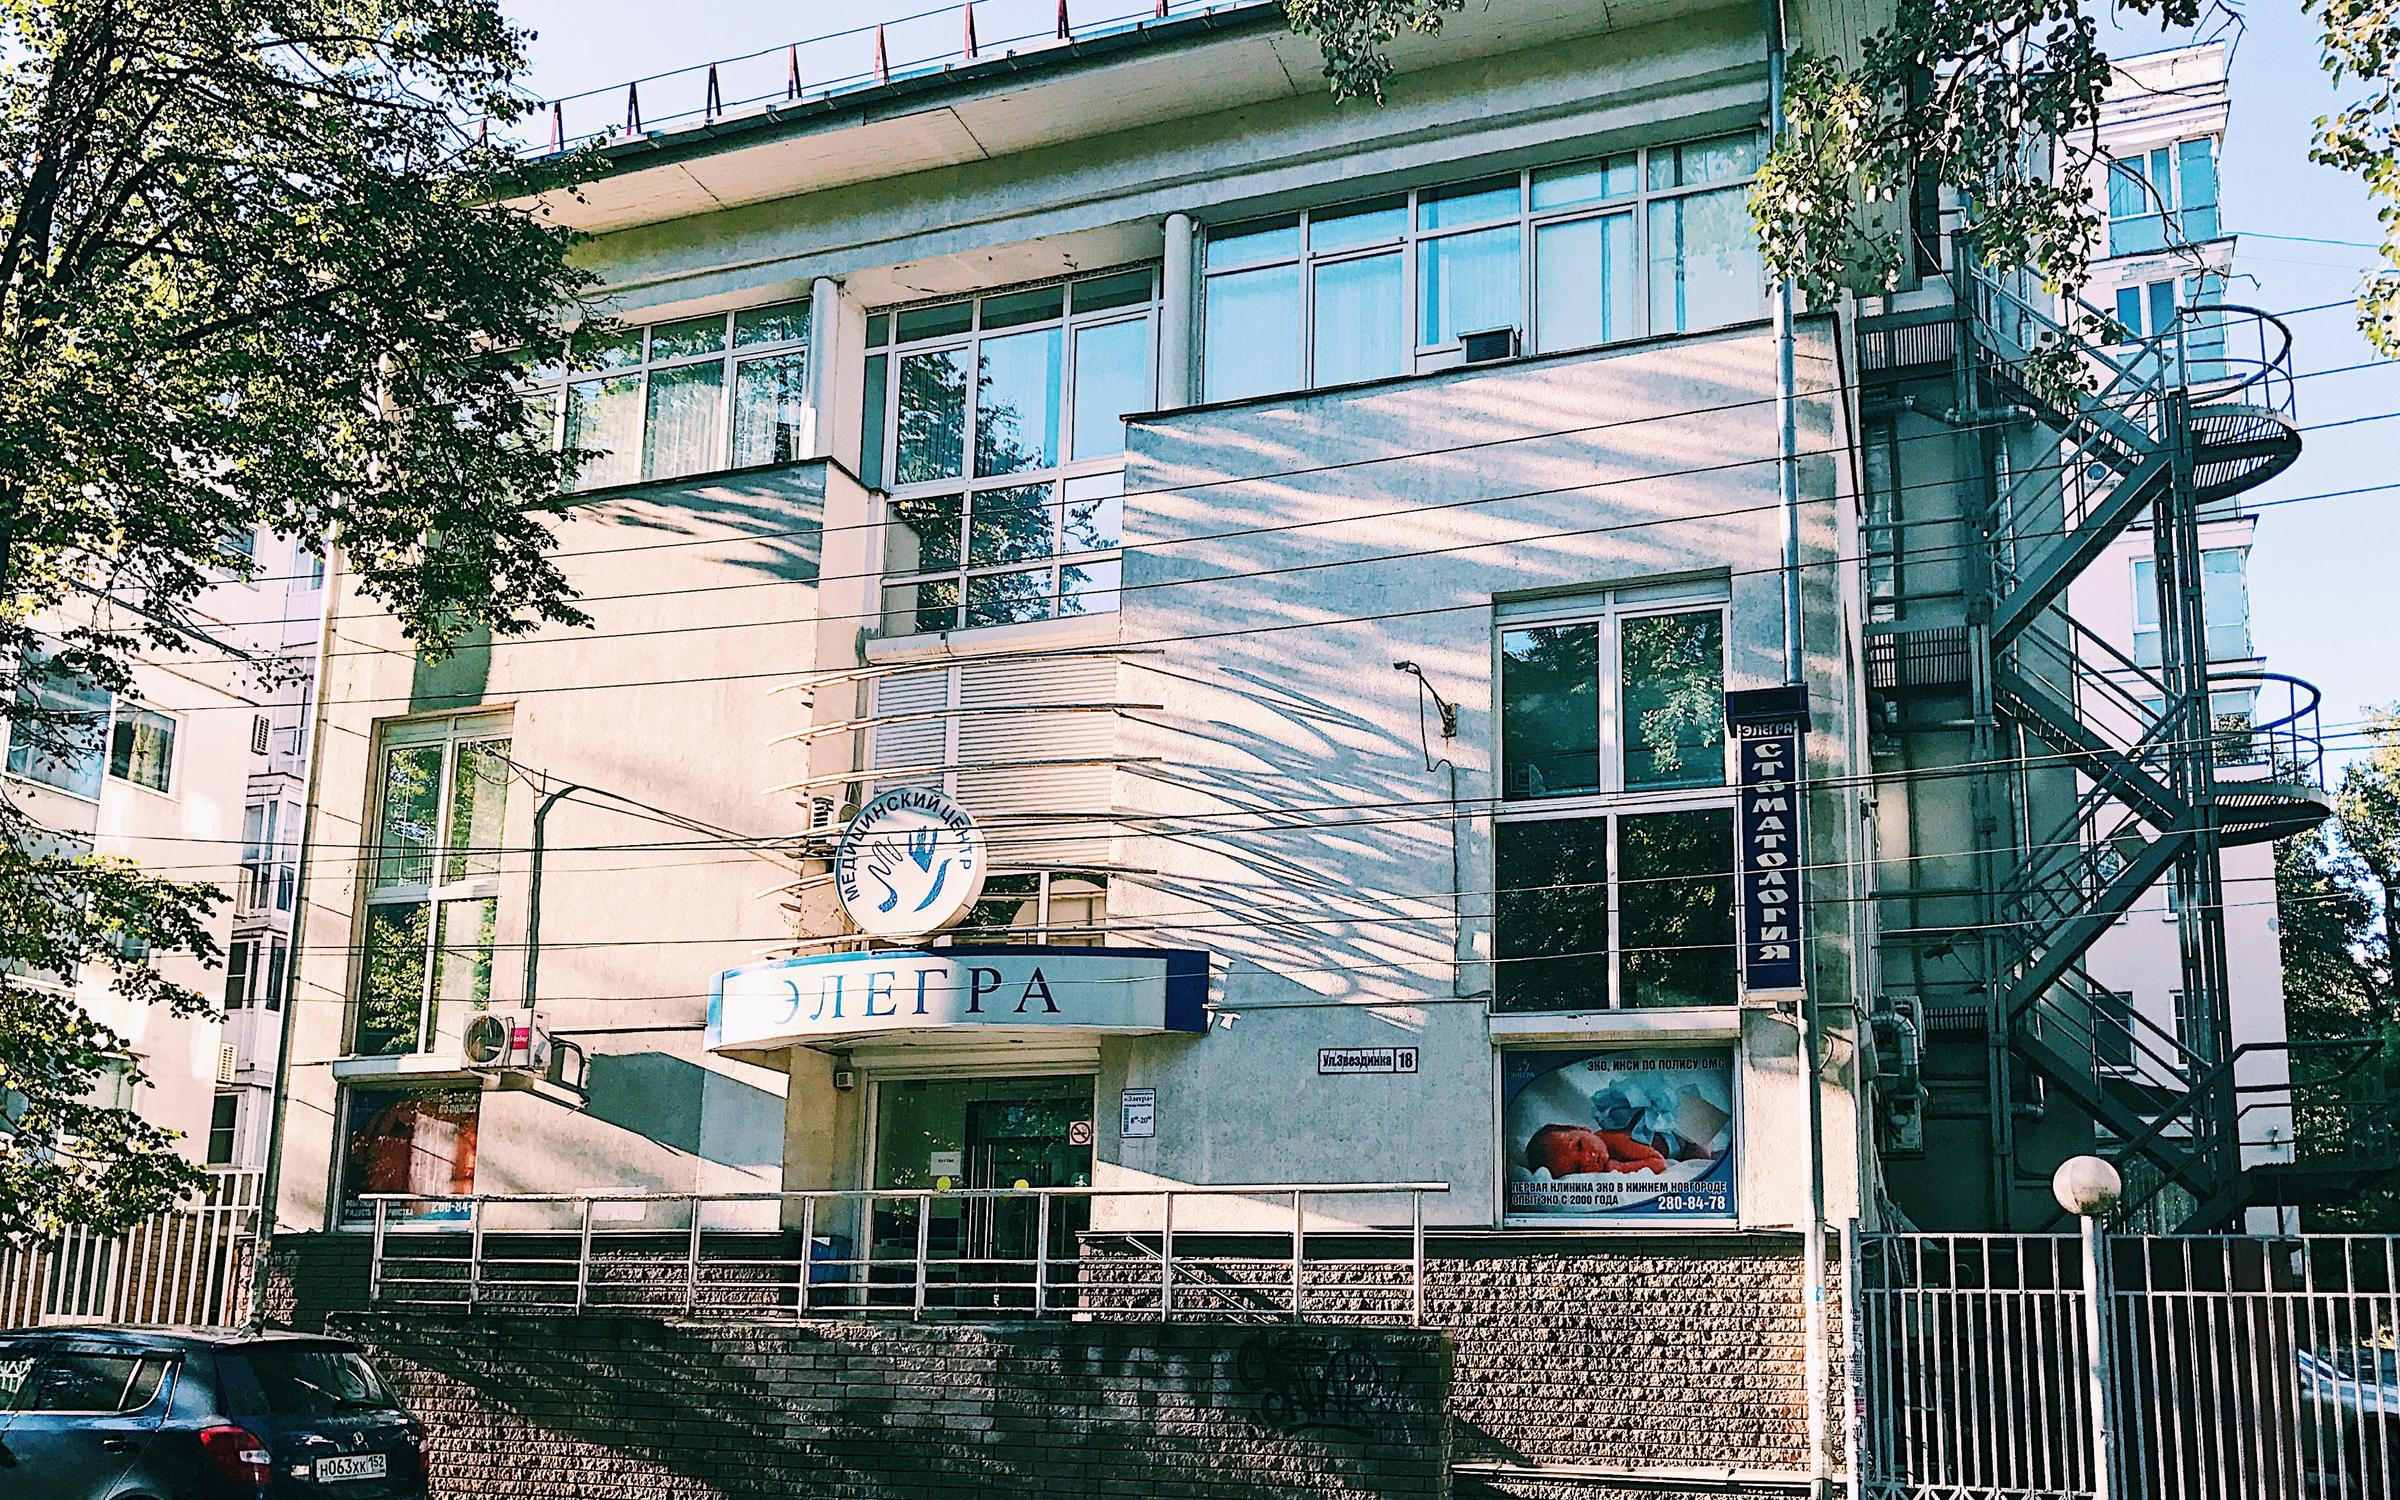 фотография Сеть медицинских клиник Элегра на улице Звездинка